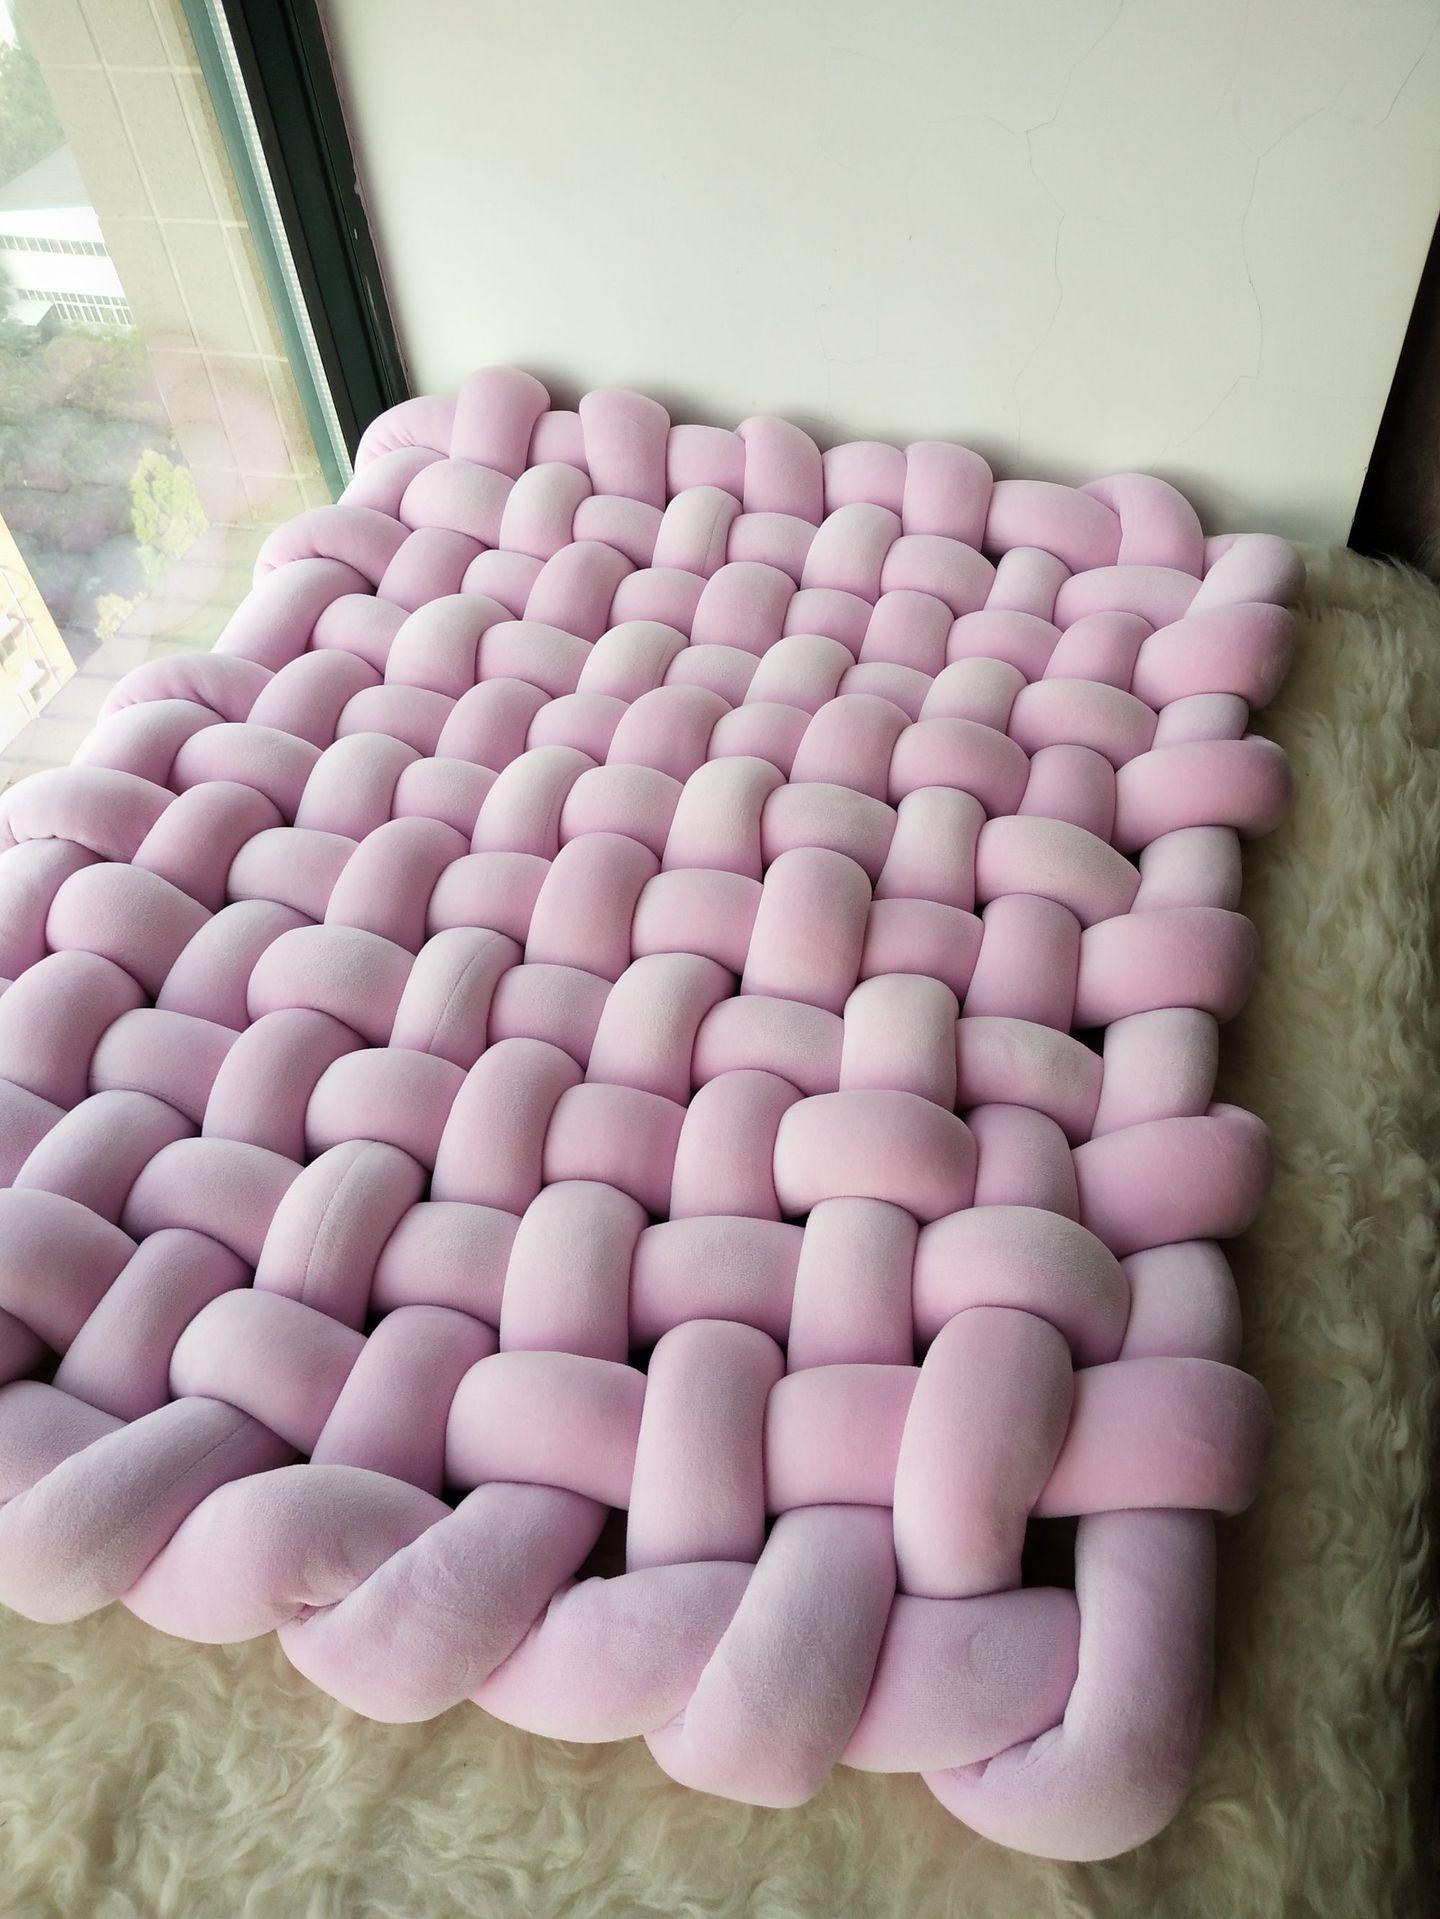 INS estilo torção artesanal tecido Prop mat chão Blanket escalada antiderrapantes tapete almofada decoração adereços filmagem de recém-nascido cobertor